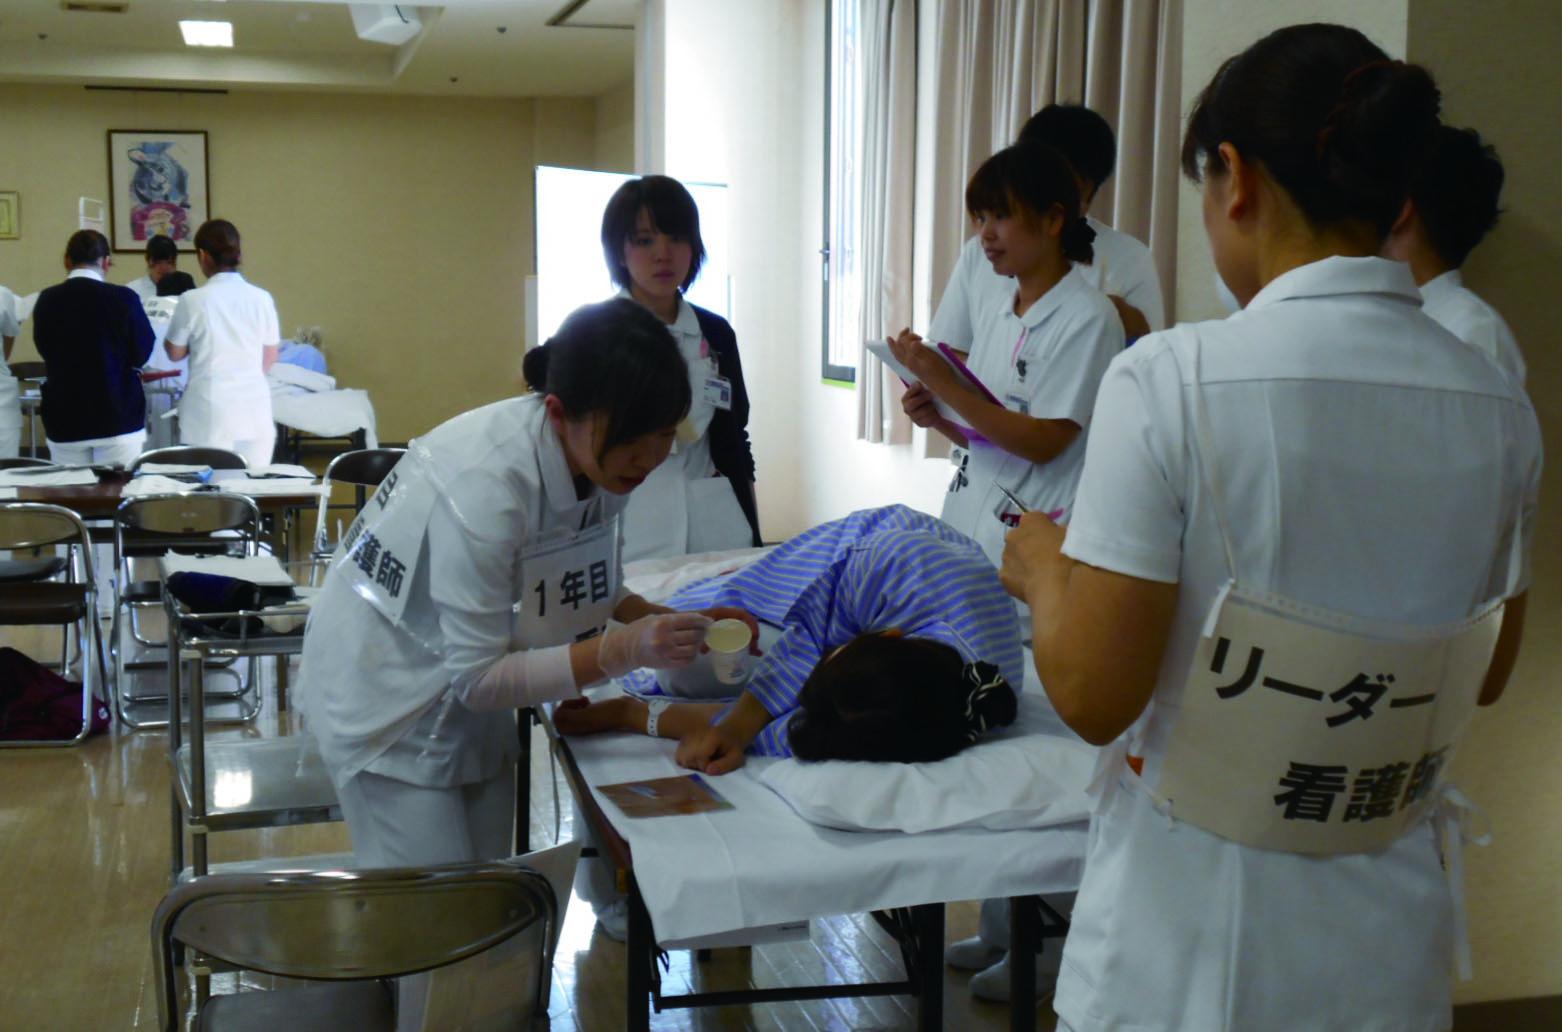 シミュレーションディレクターが臨床の場で起こりうる場面のシナリオを作成しての演習